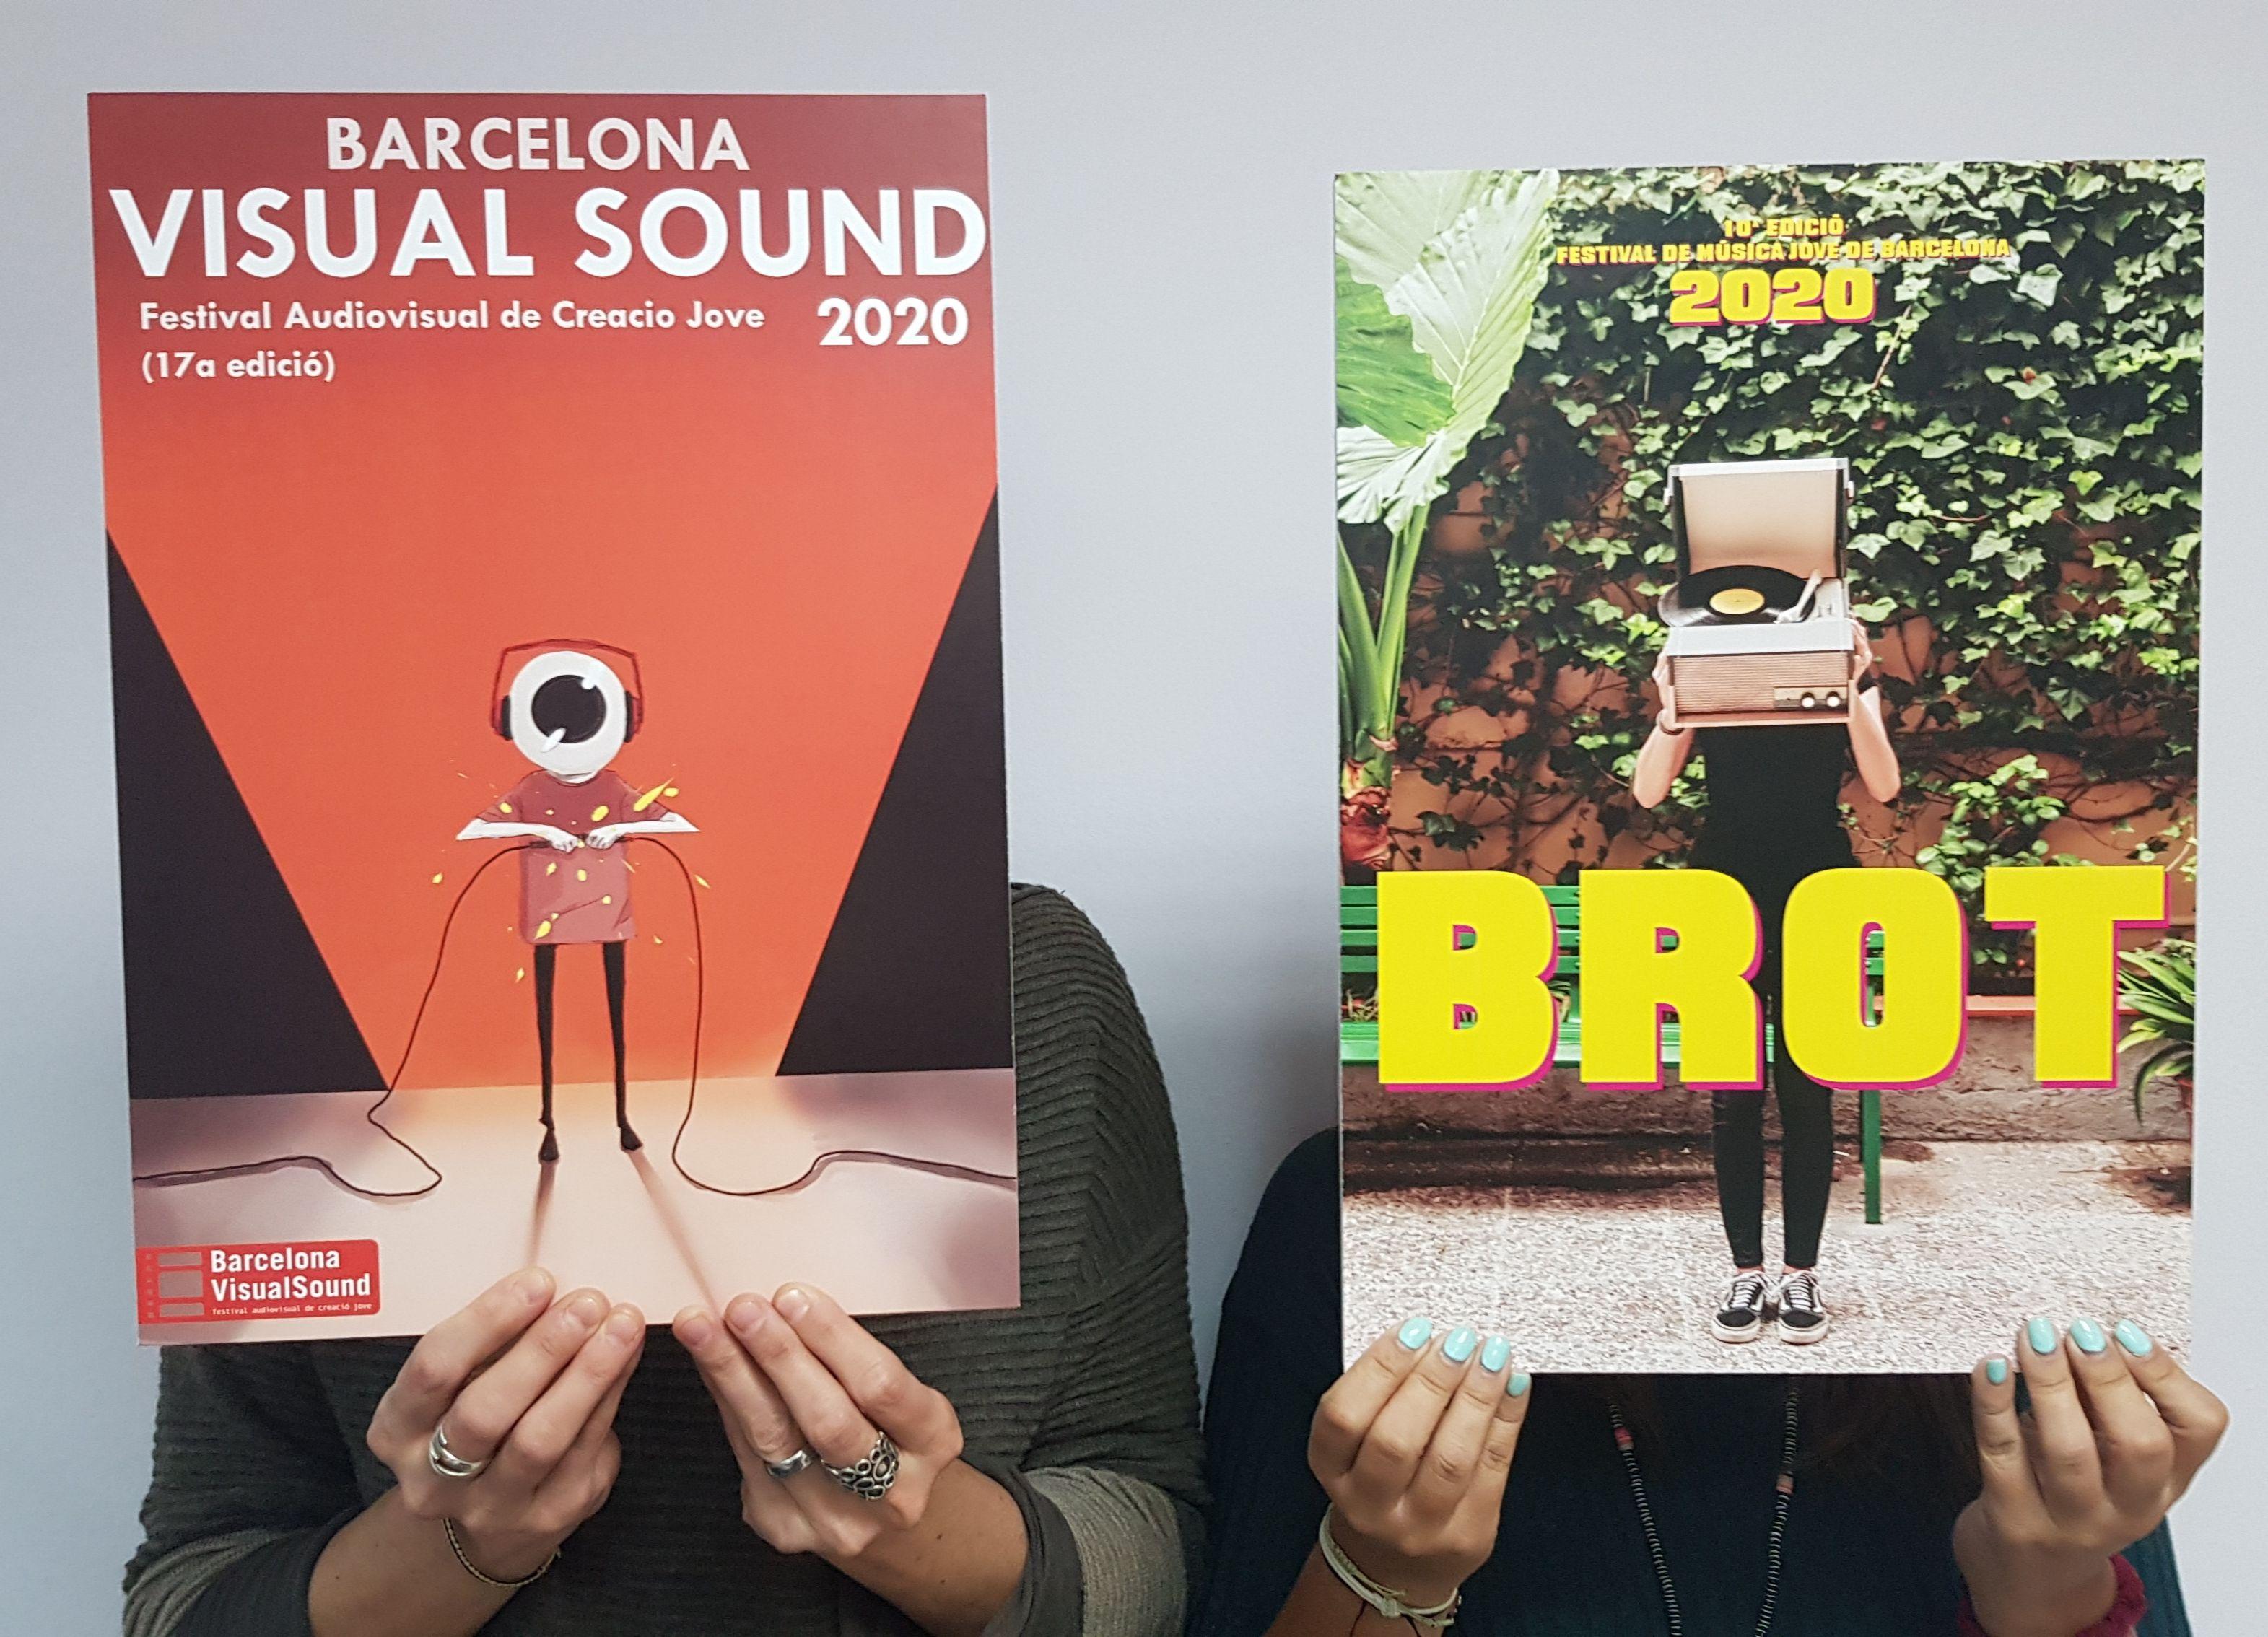 Concurs de cartells de Festivals - Obres guanyadores 2019